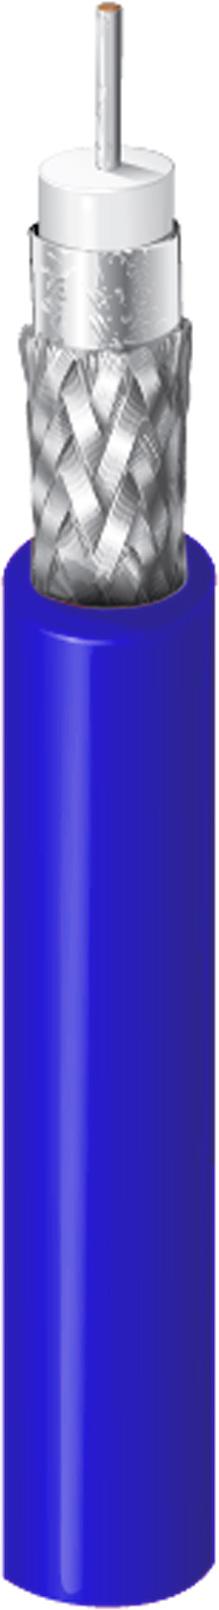 Belden 1505A RG59/20 3G-SDI Digital Coaxial Cable - Blue - 1000 Foot BL-1505A-1000 BE